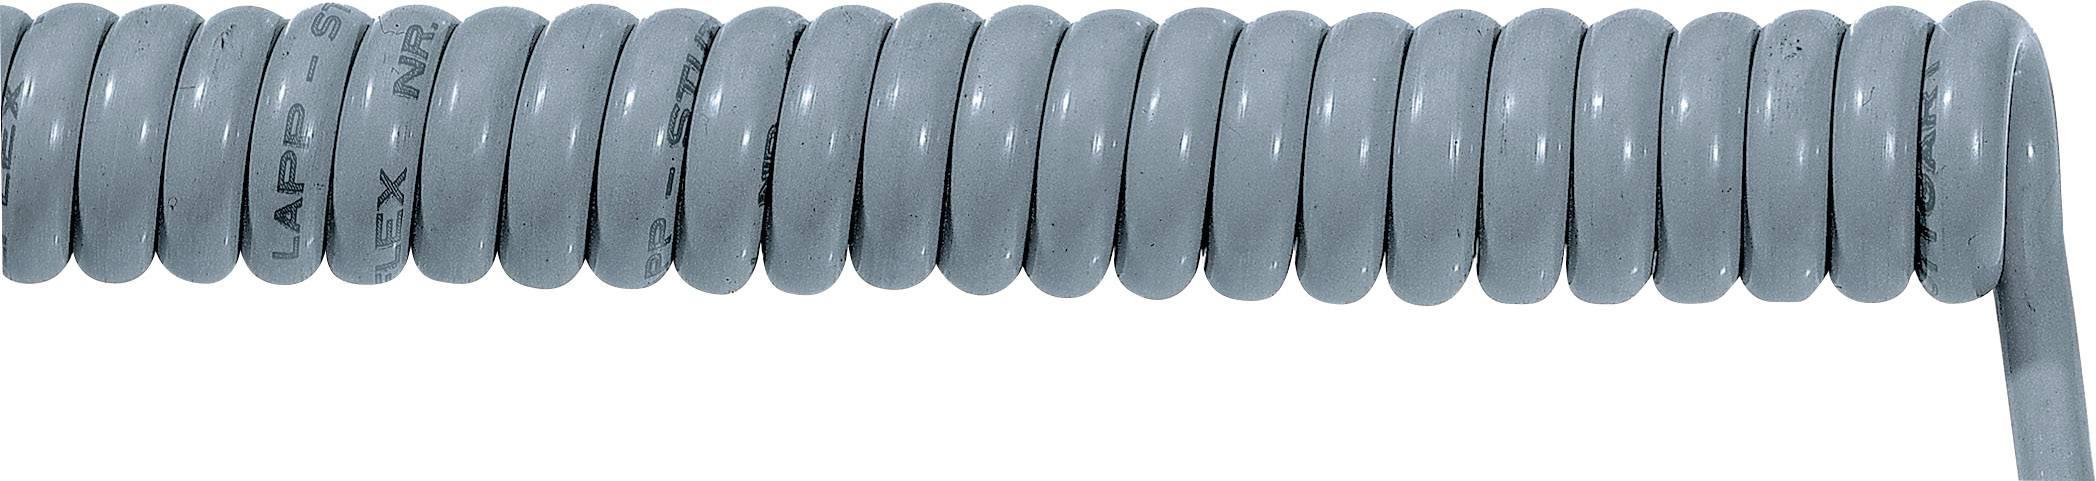 Špirálový kábel 70002649 ÖLFLEX® SPIRAL 400 P 2 x 1 mm², 2000 mm / 6000 mm, sivá